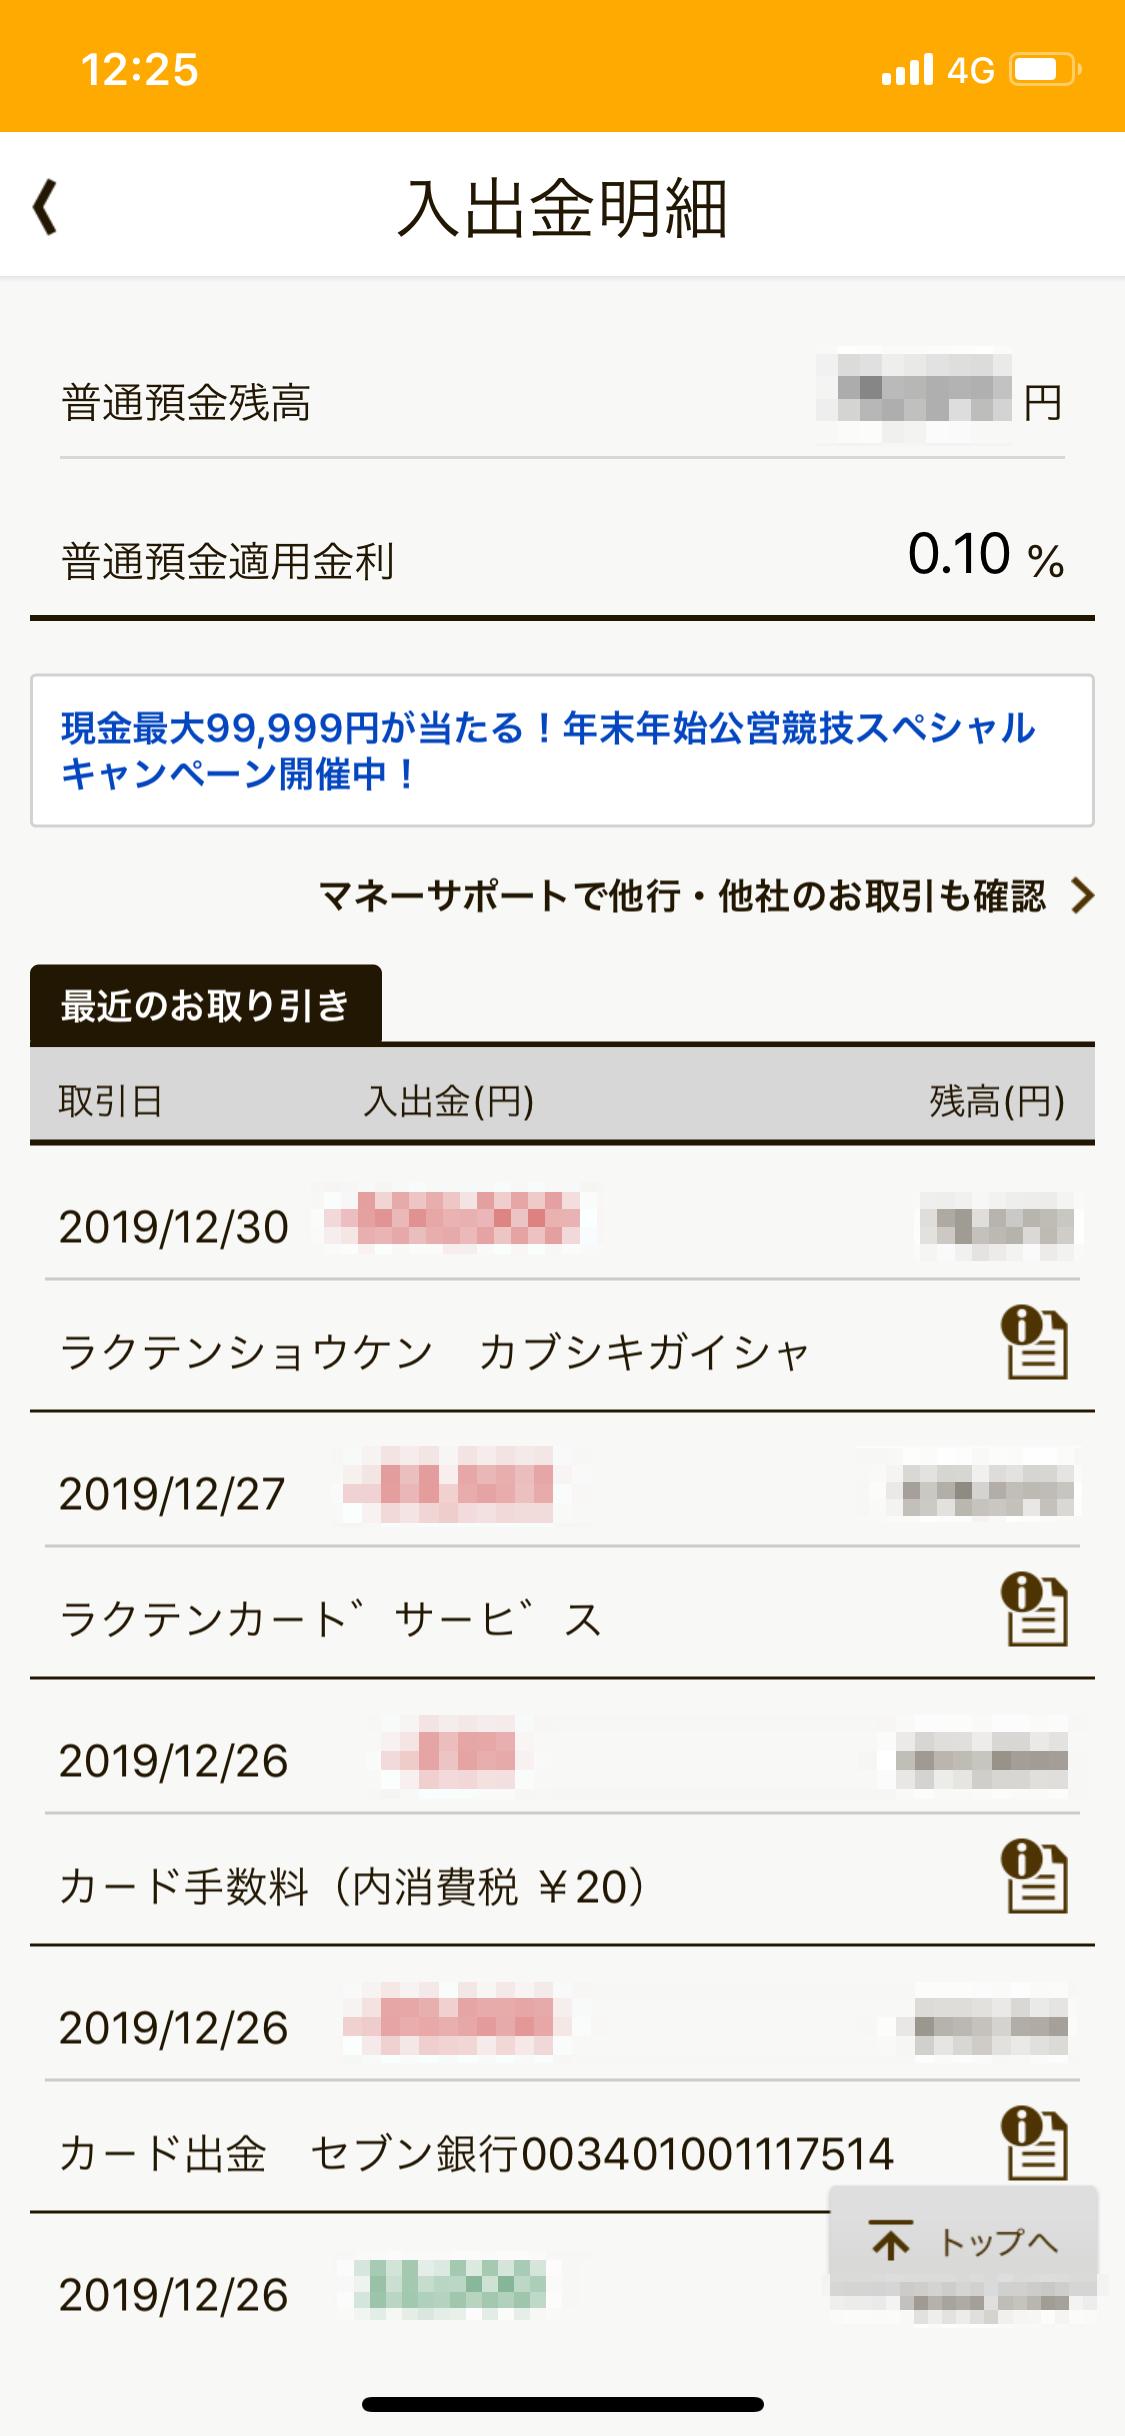 楽天銀行の入出金明細画面